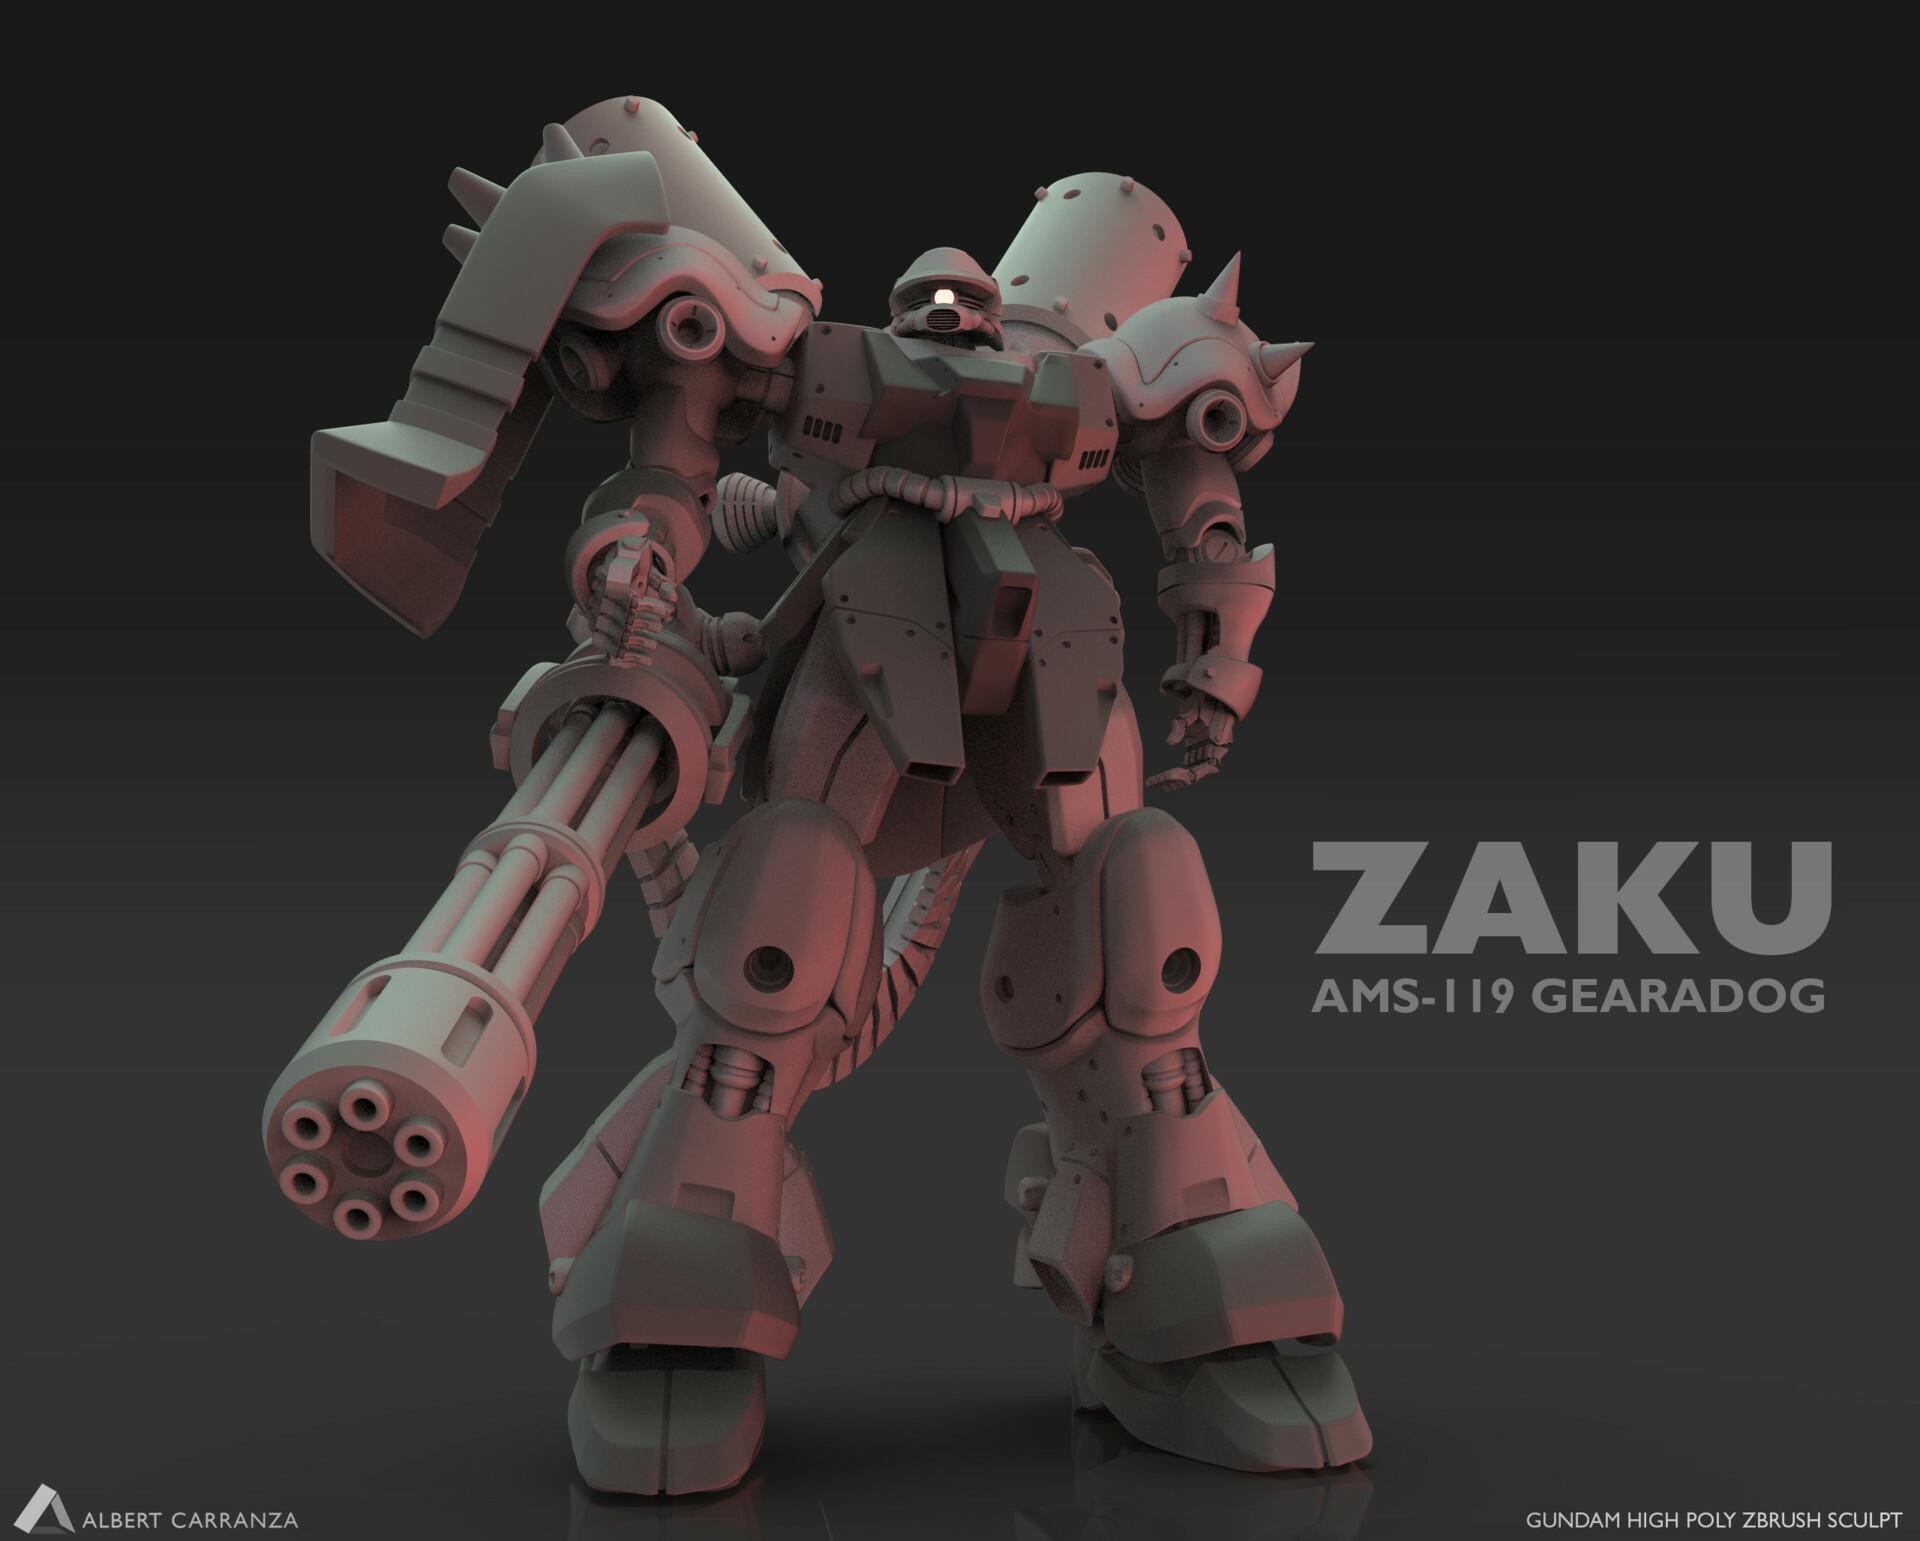 Zaku Sculpt made in Zbrush